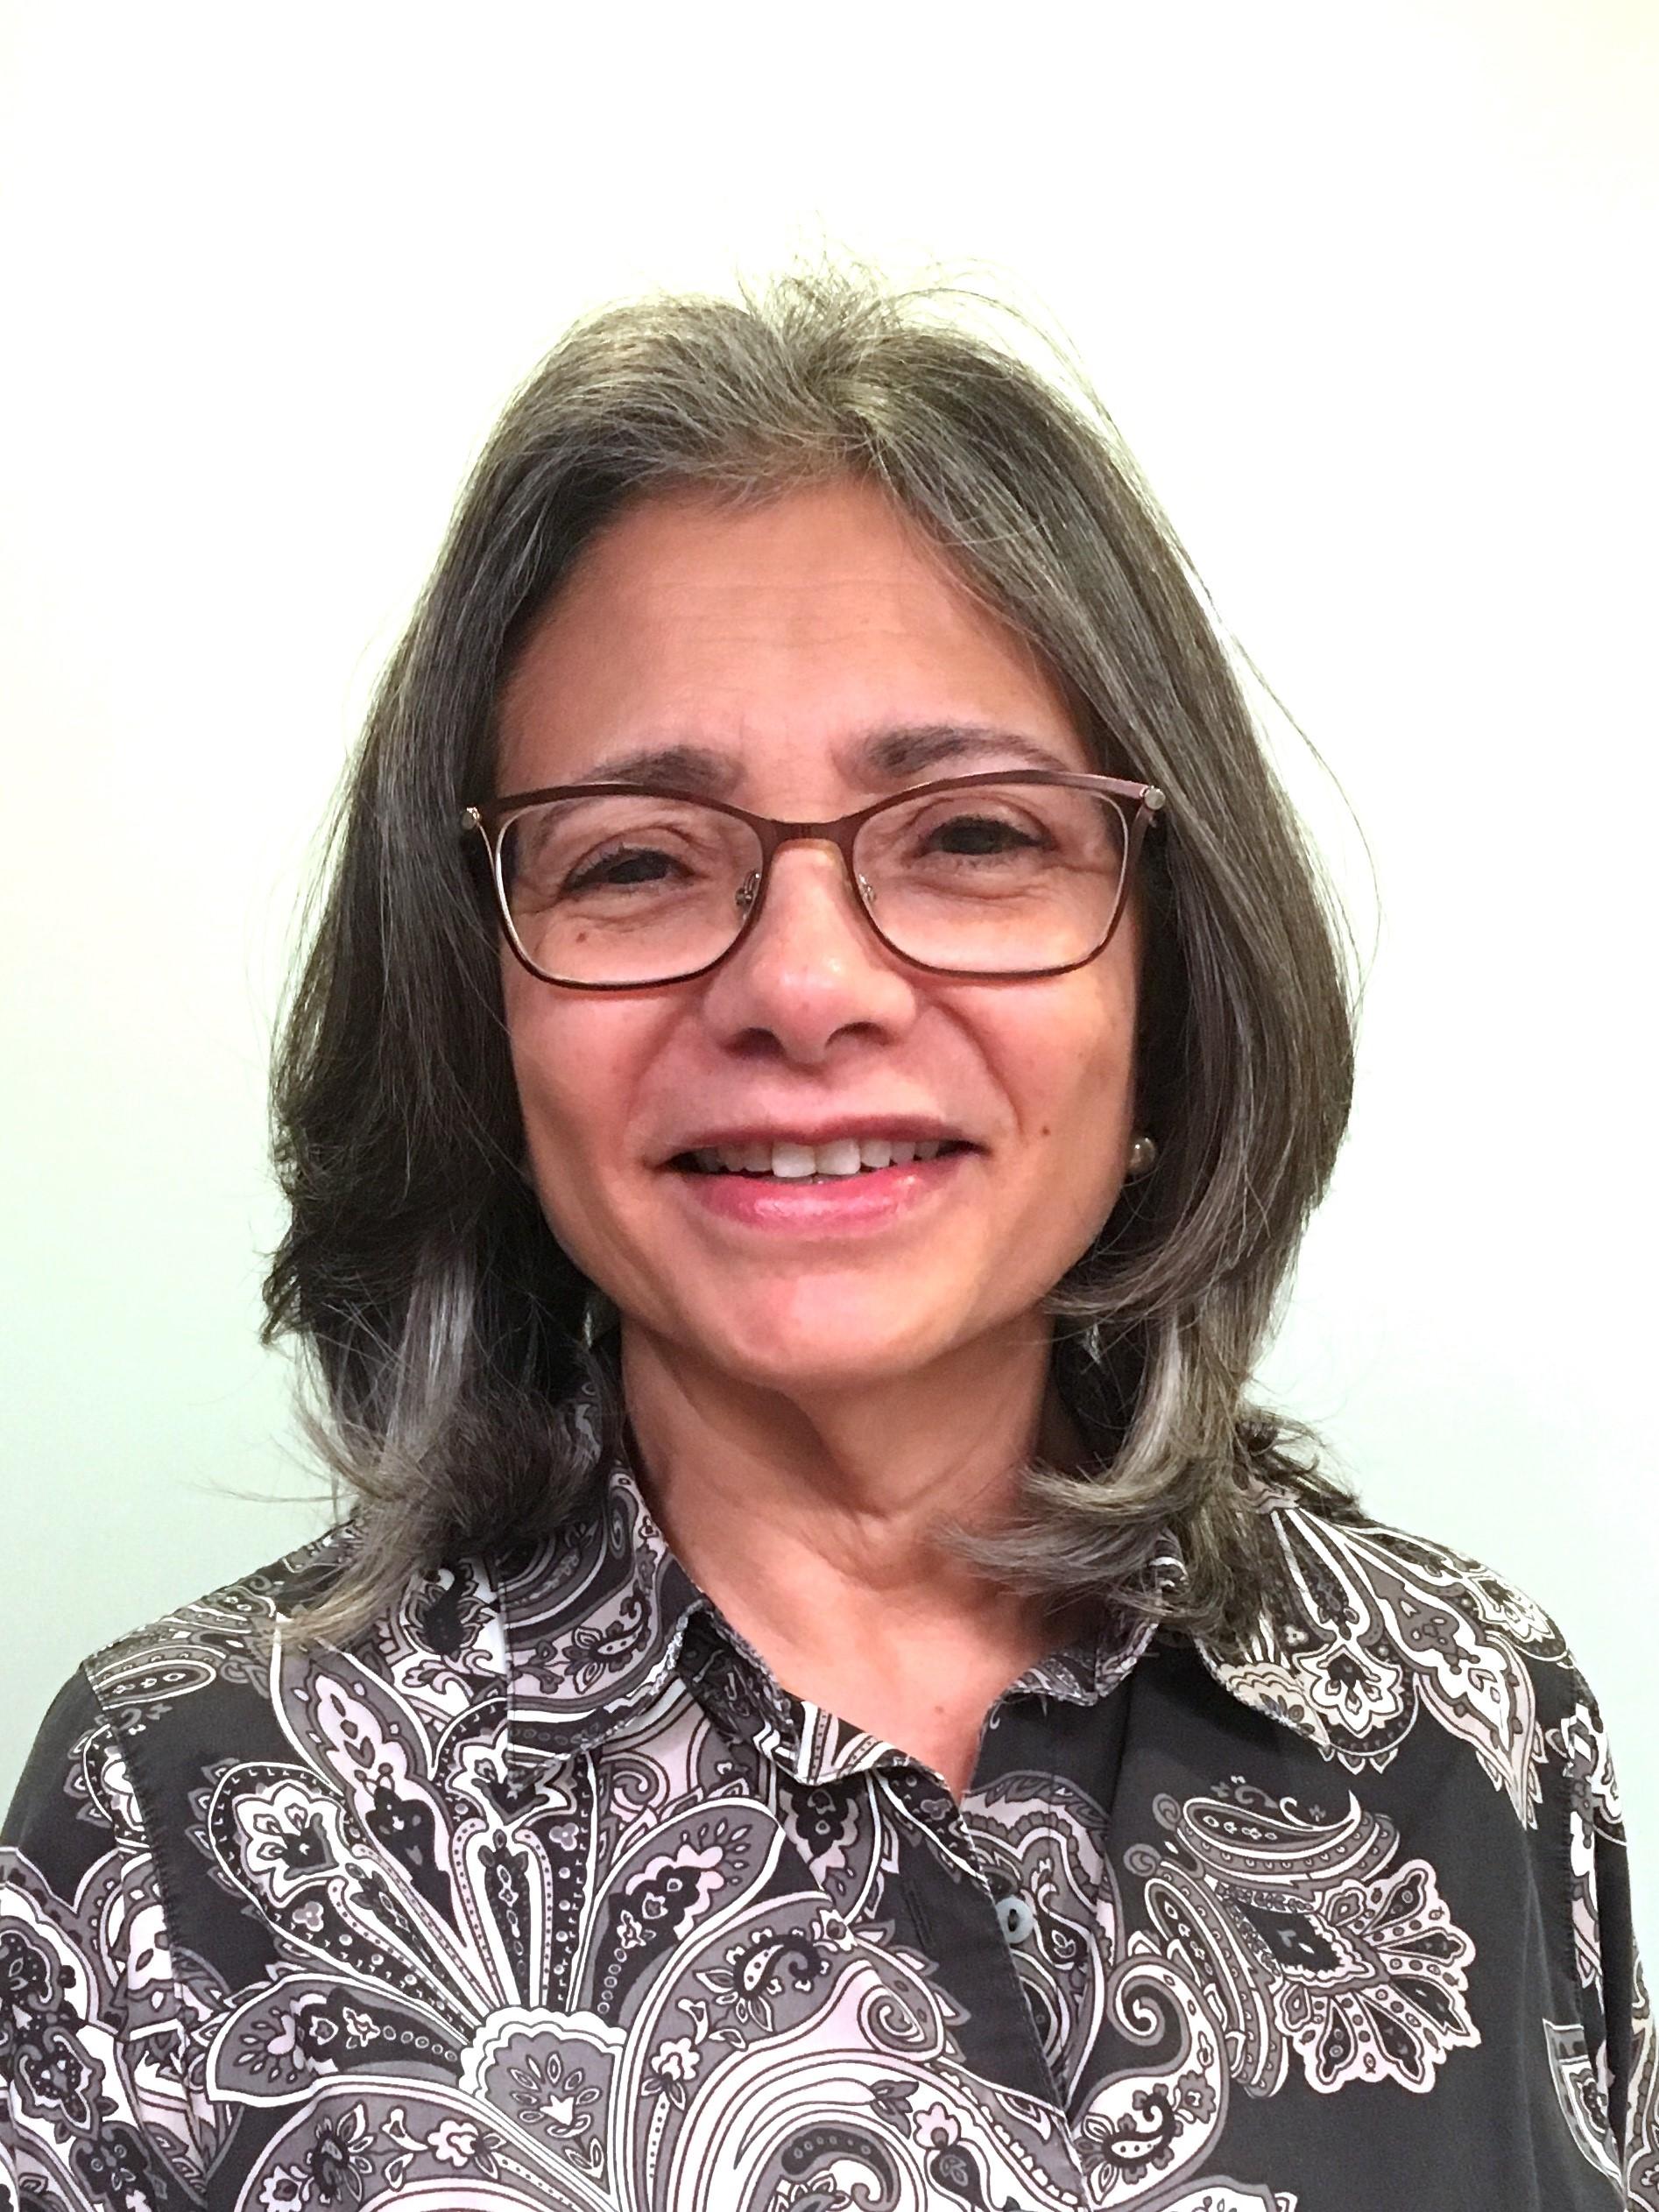 Marie Penza